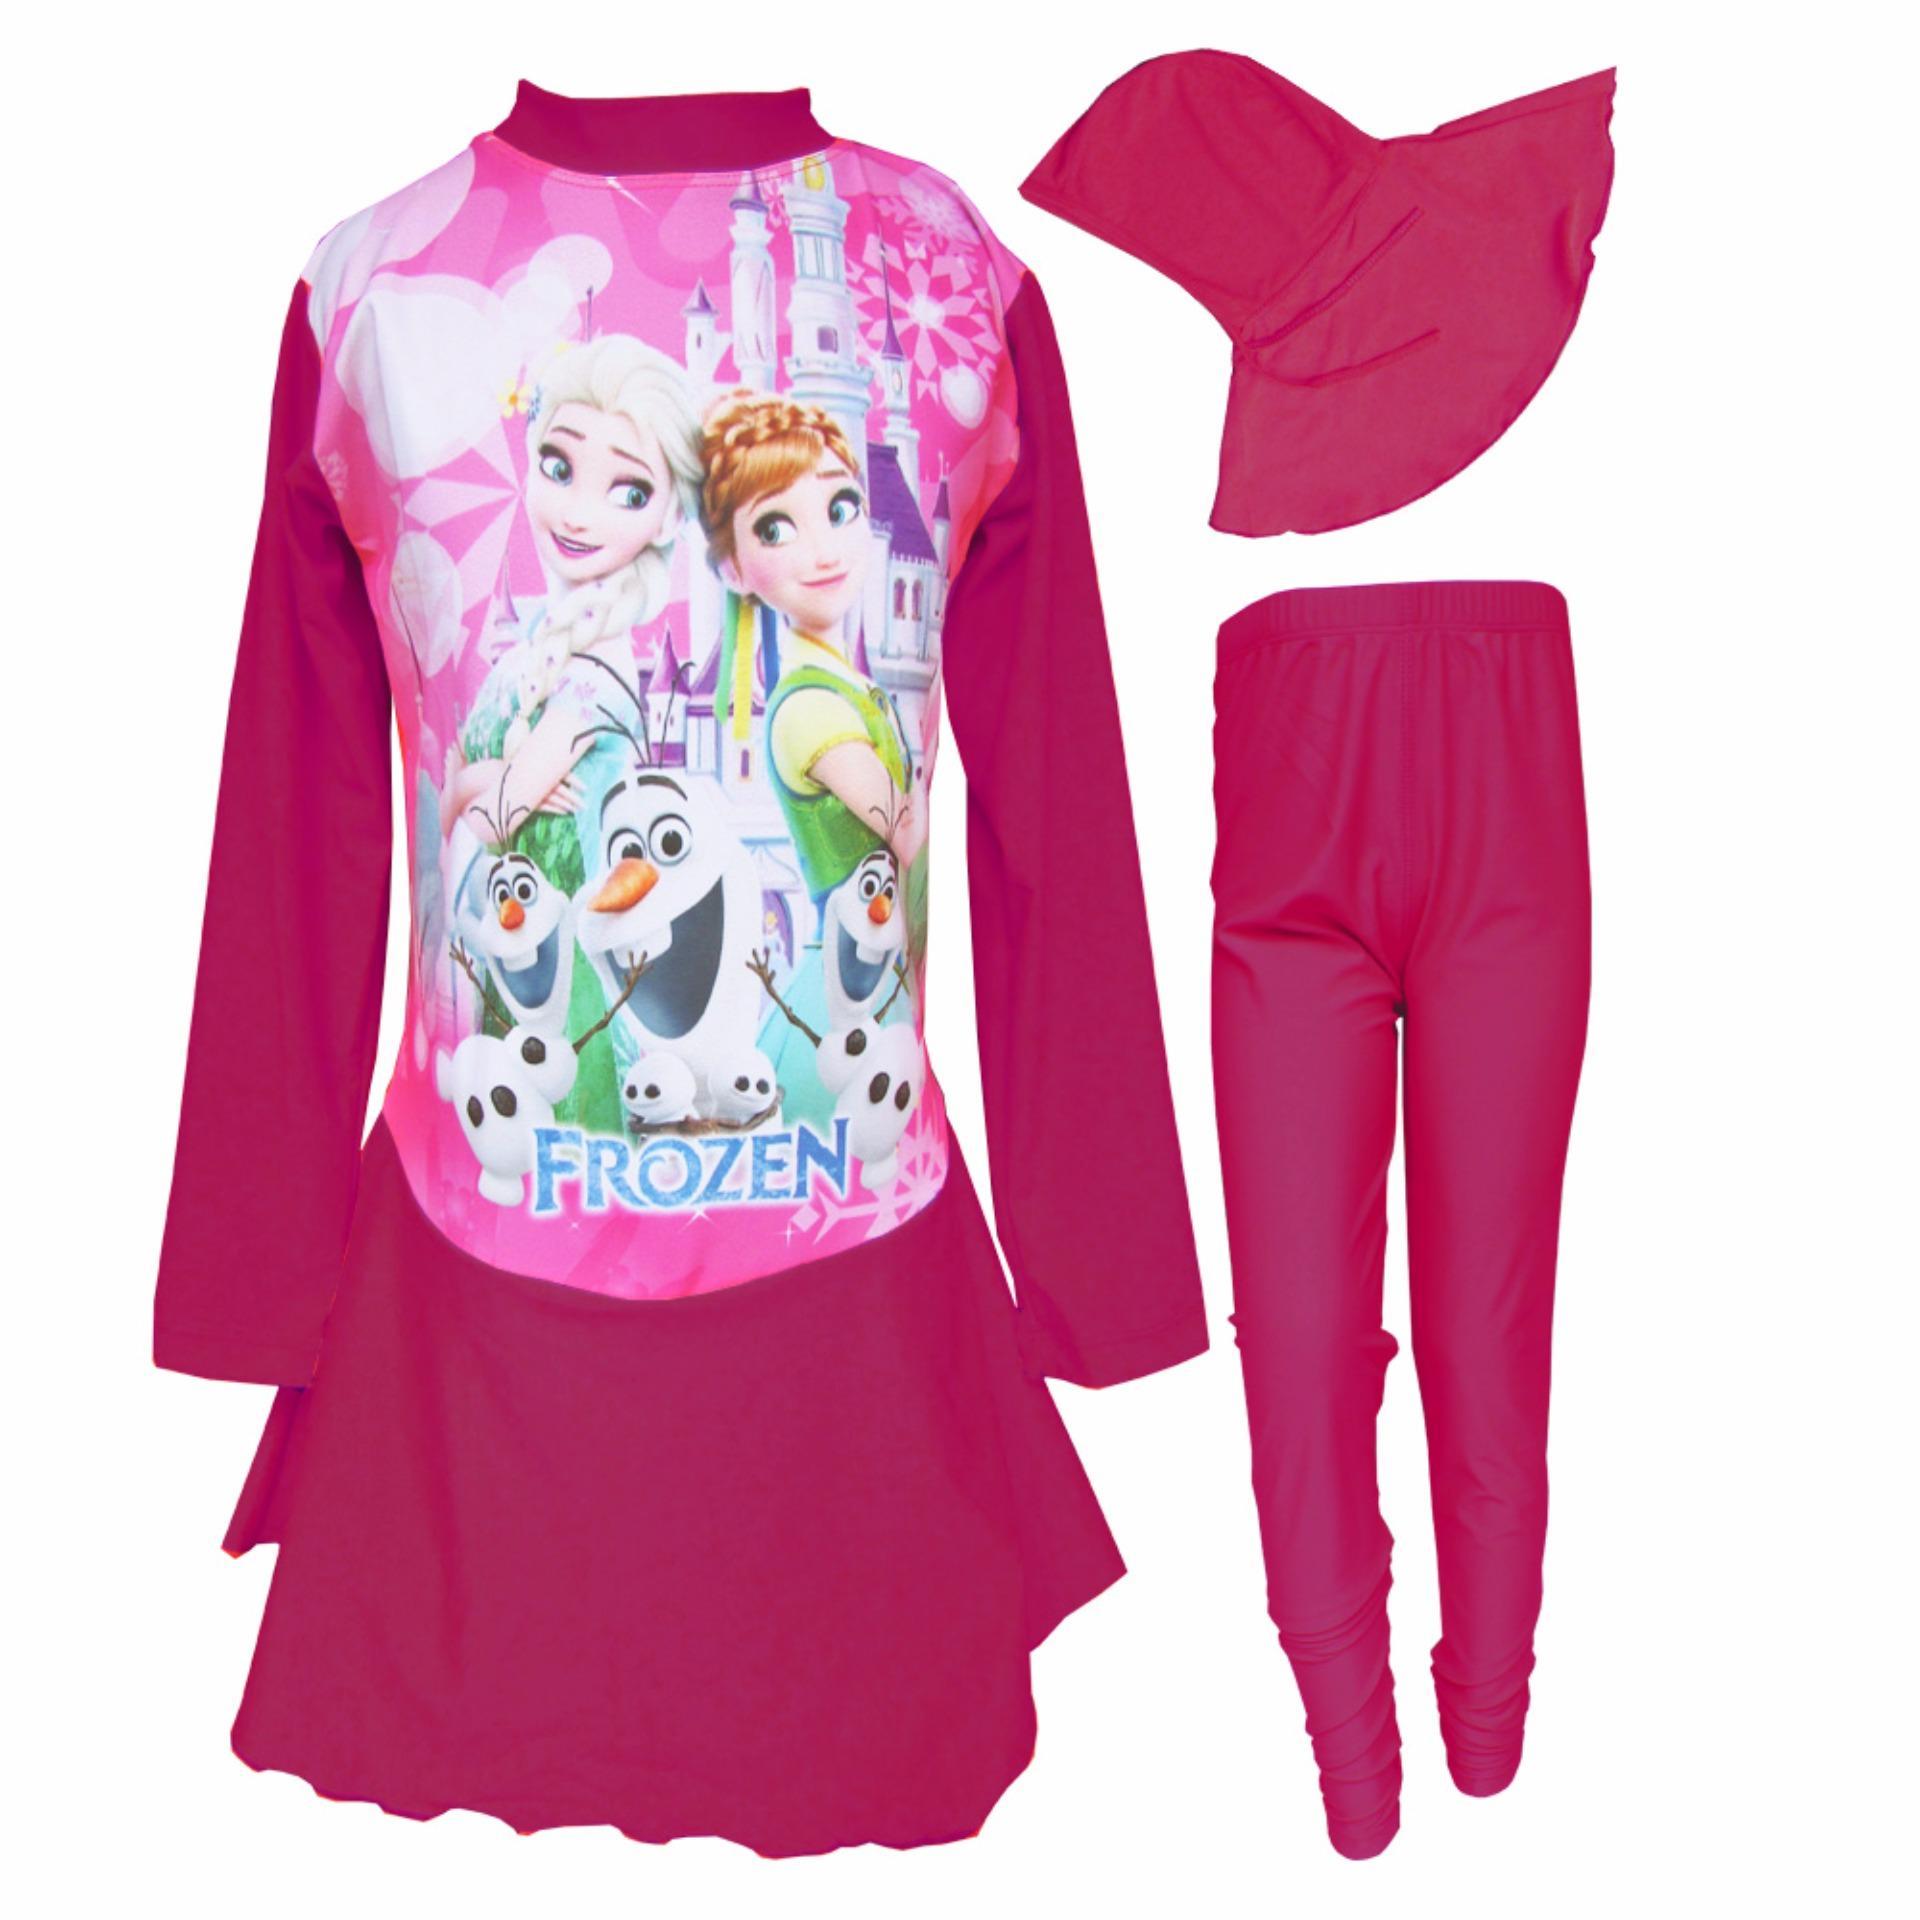 Jual Baju Renang Anak Muslim Karakter 5 10 Thn Branded